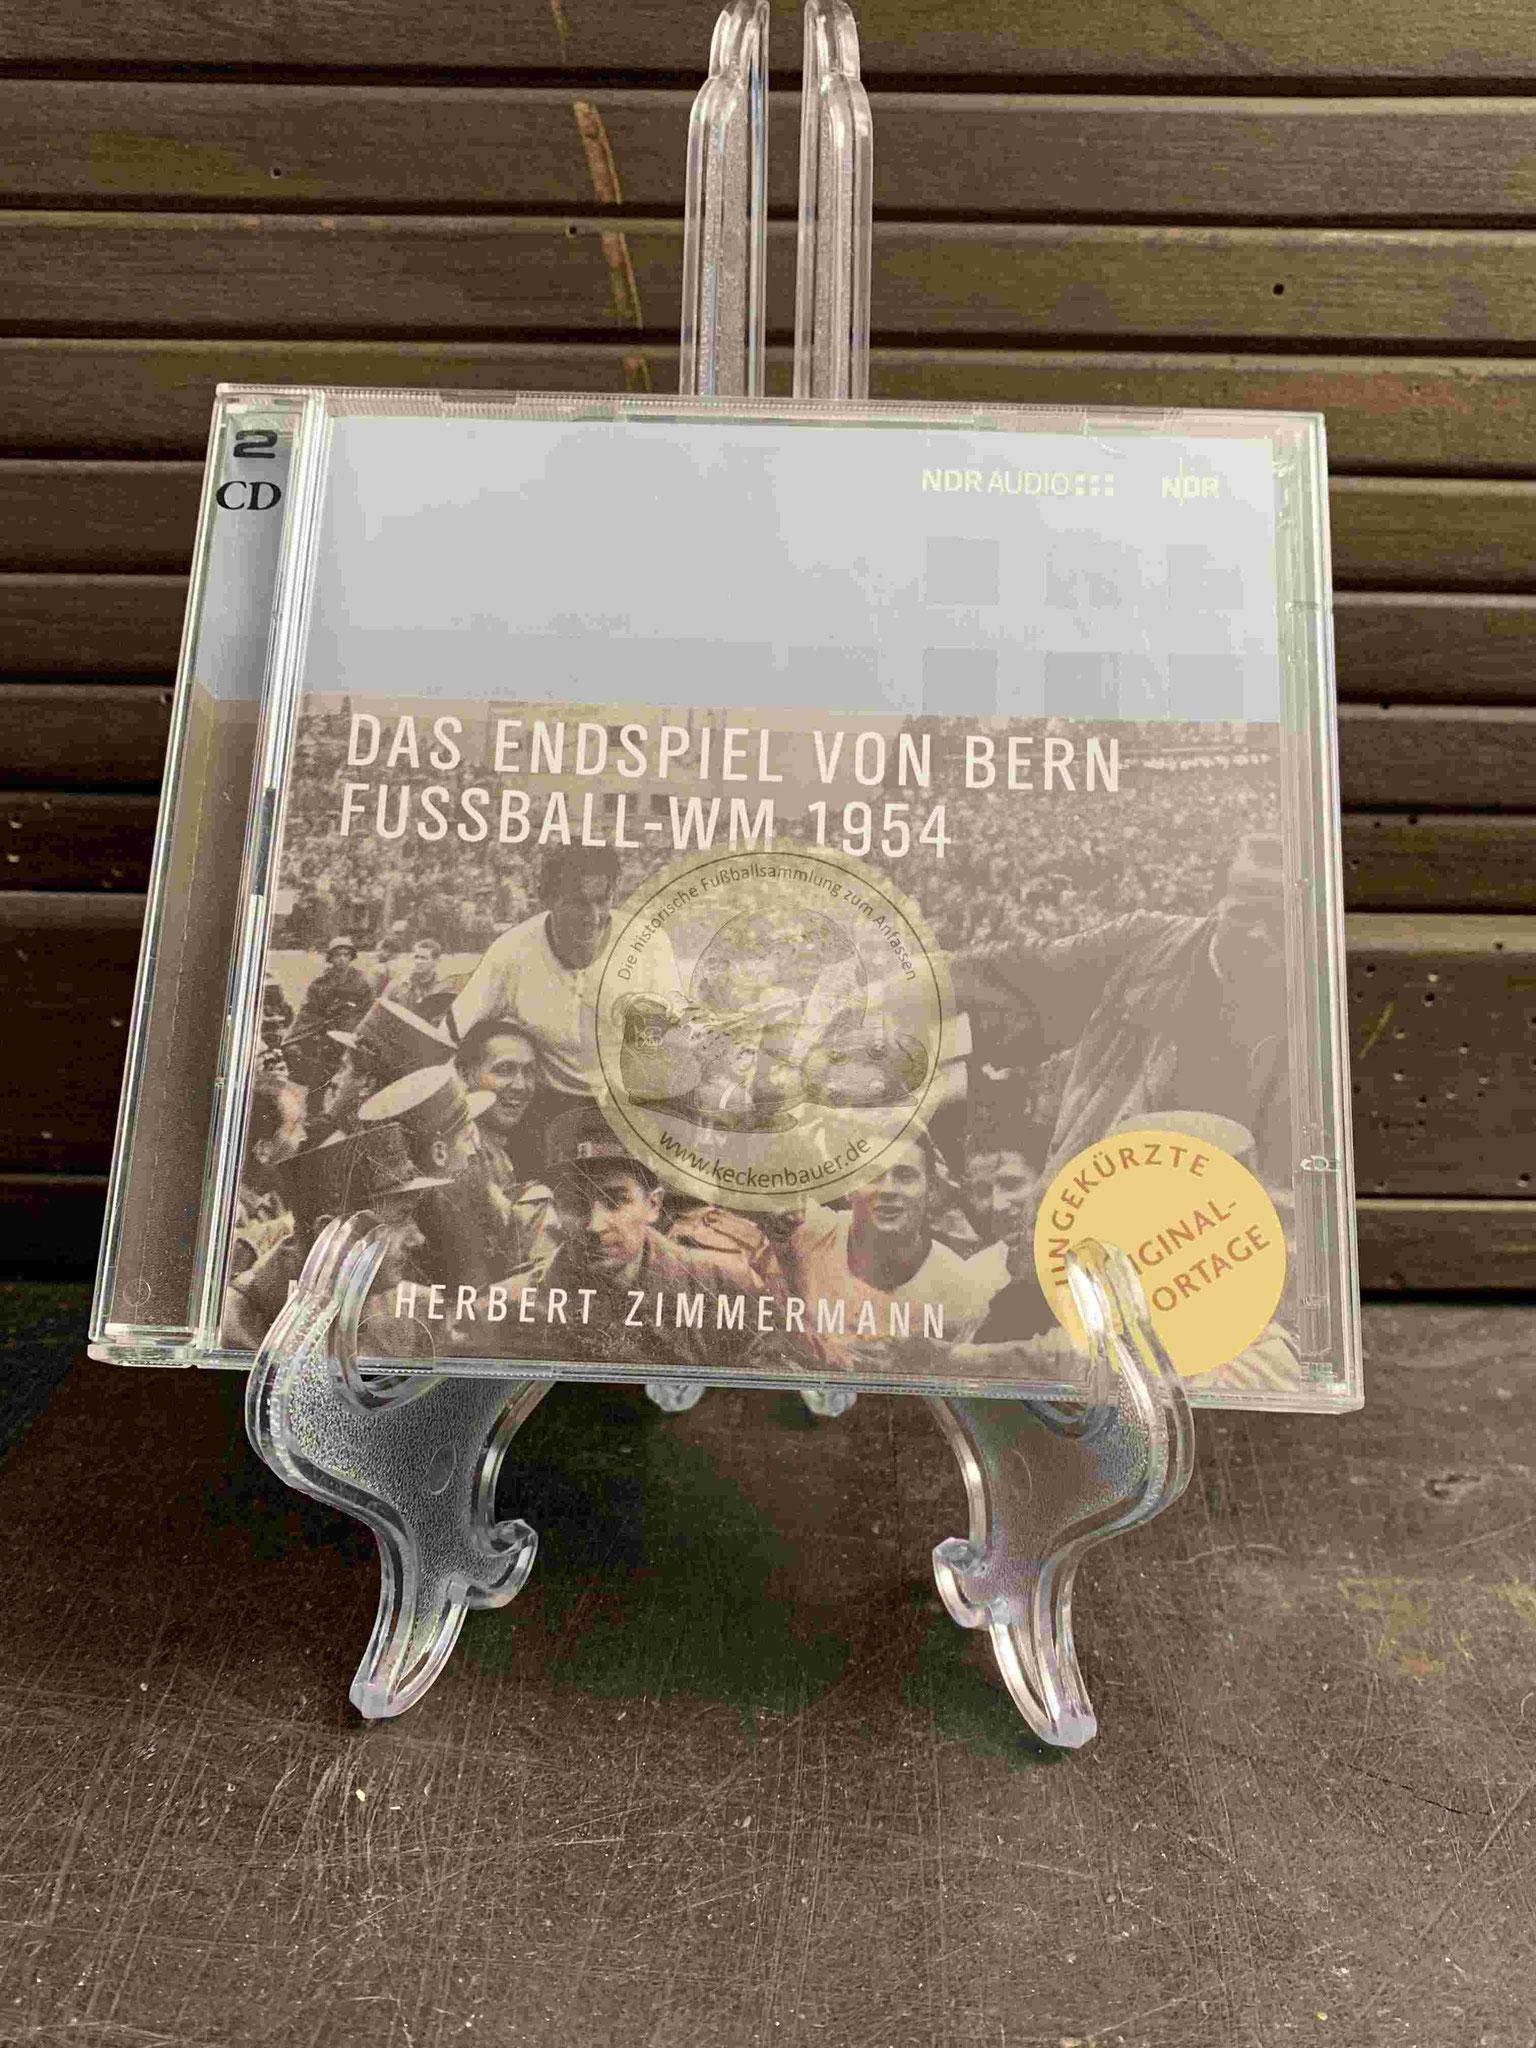 20040301 Das Endspiel von Bern Fussball-WM 1954 Herbert Zimmermann